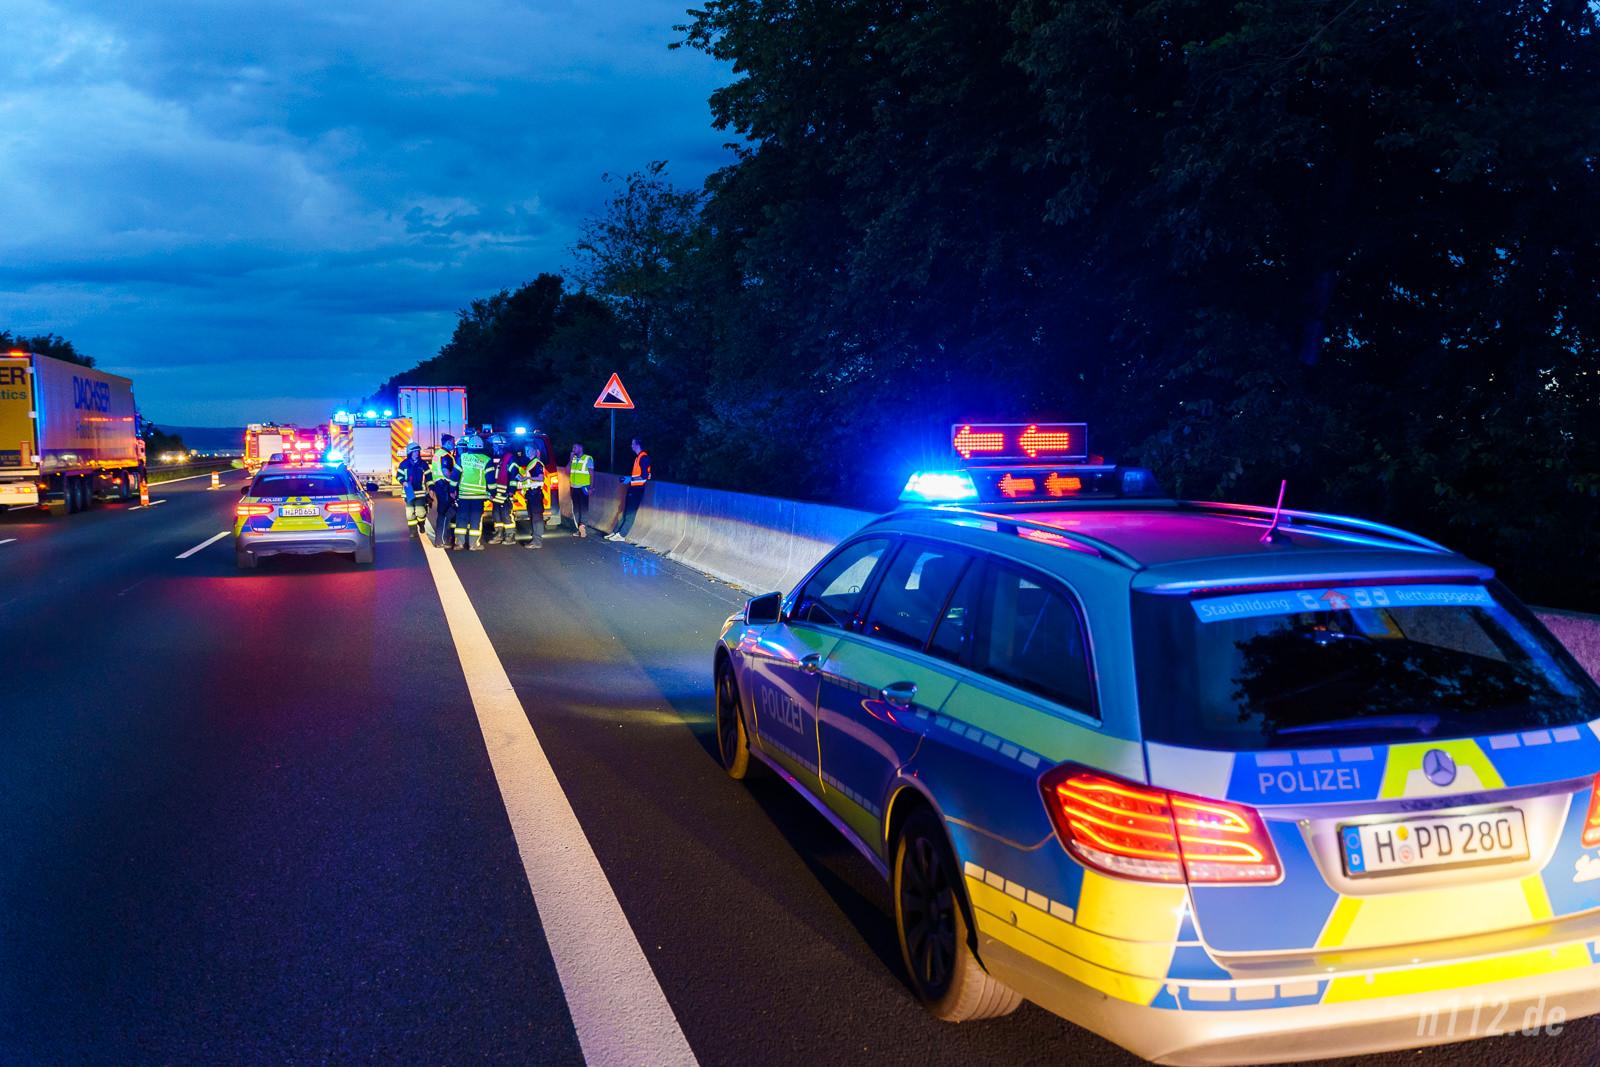 Die Polizei hat zwei der drei Fahrstreifen Richtung Dortmund gesperrt, damit die Feuerwehrleute sicher arbeiten können (Foto: n112.de/Stefan Simonsen)